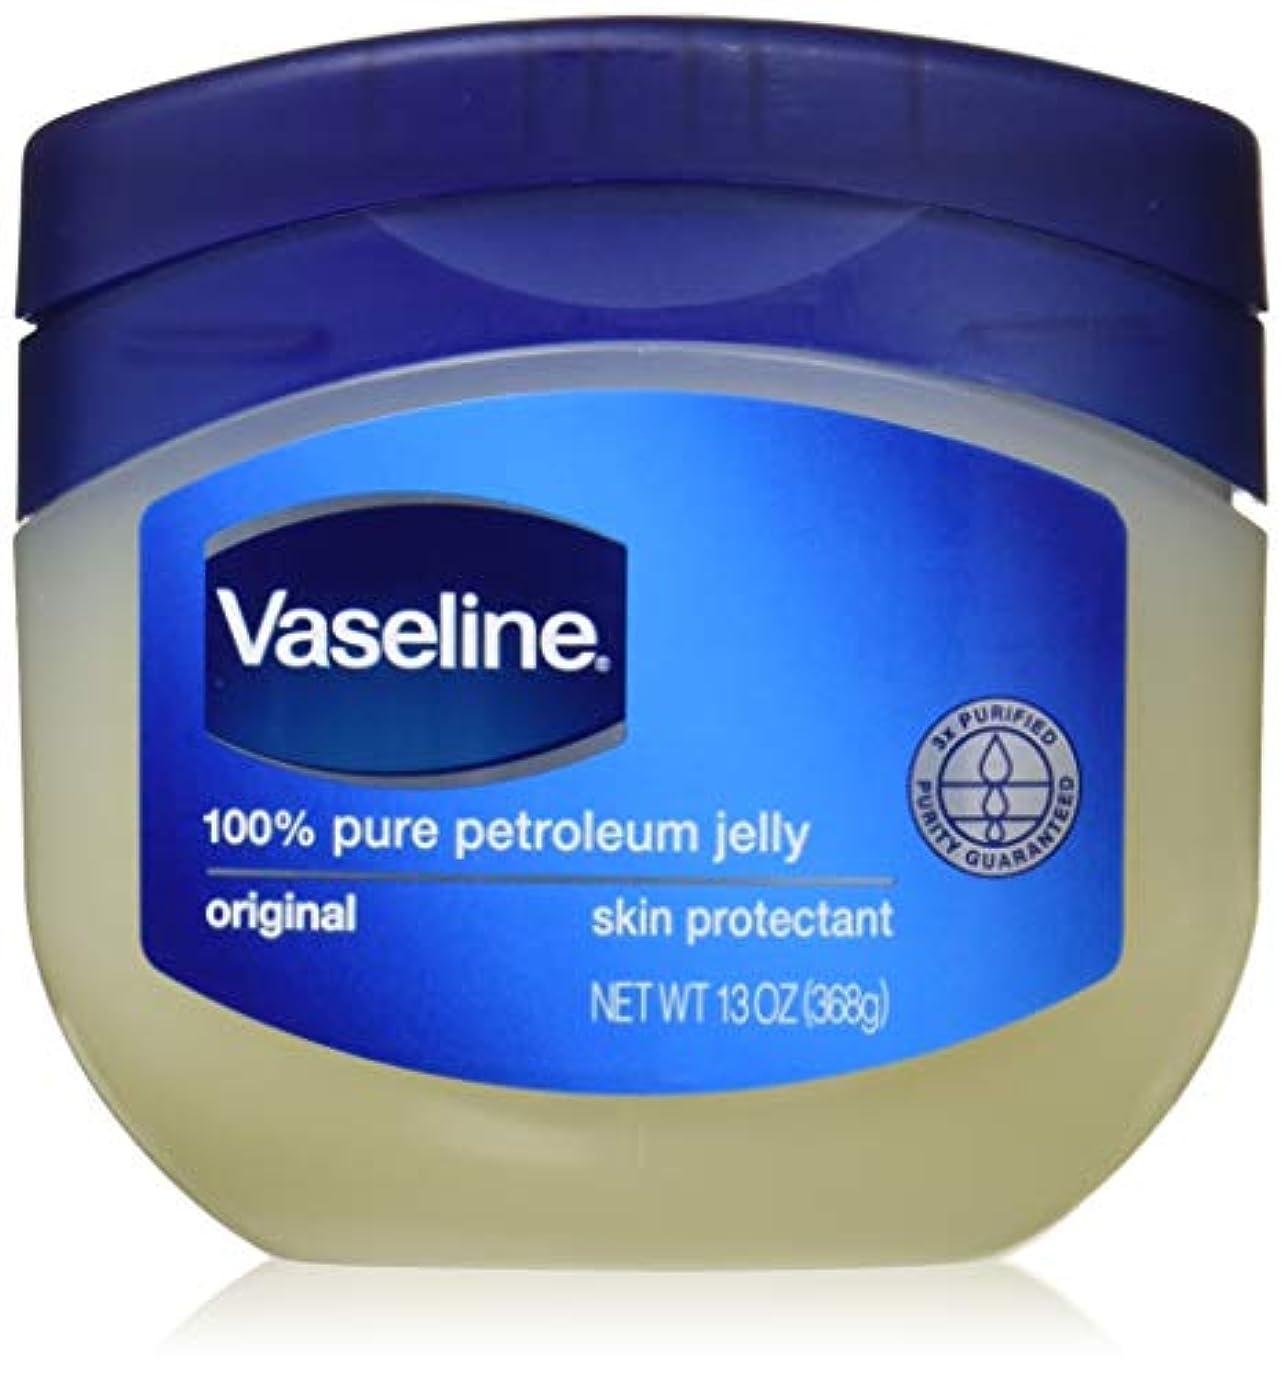 から今まで洞察力のあるヴァセリン 天然保湿スキンオイル 368 g X 2